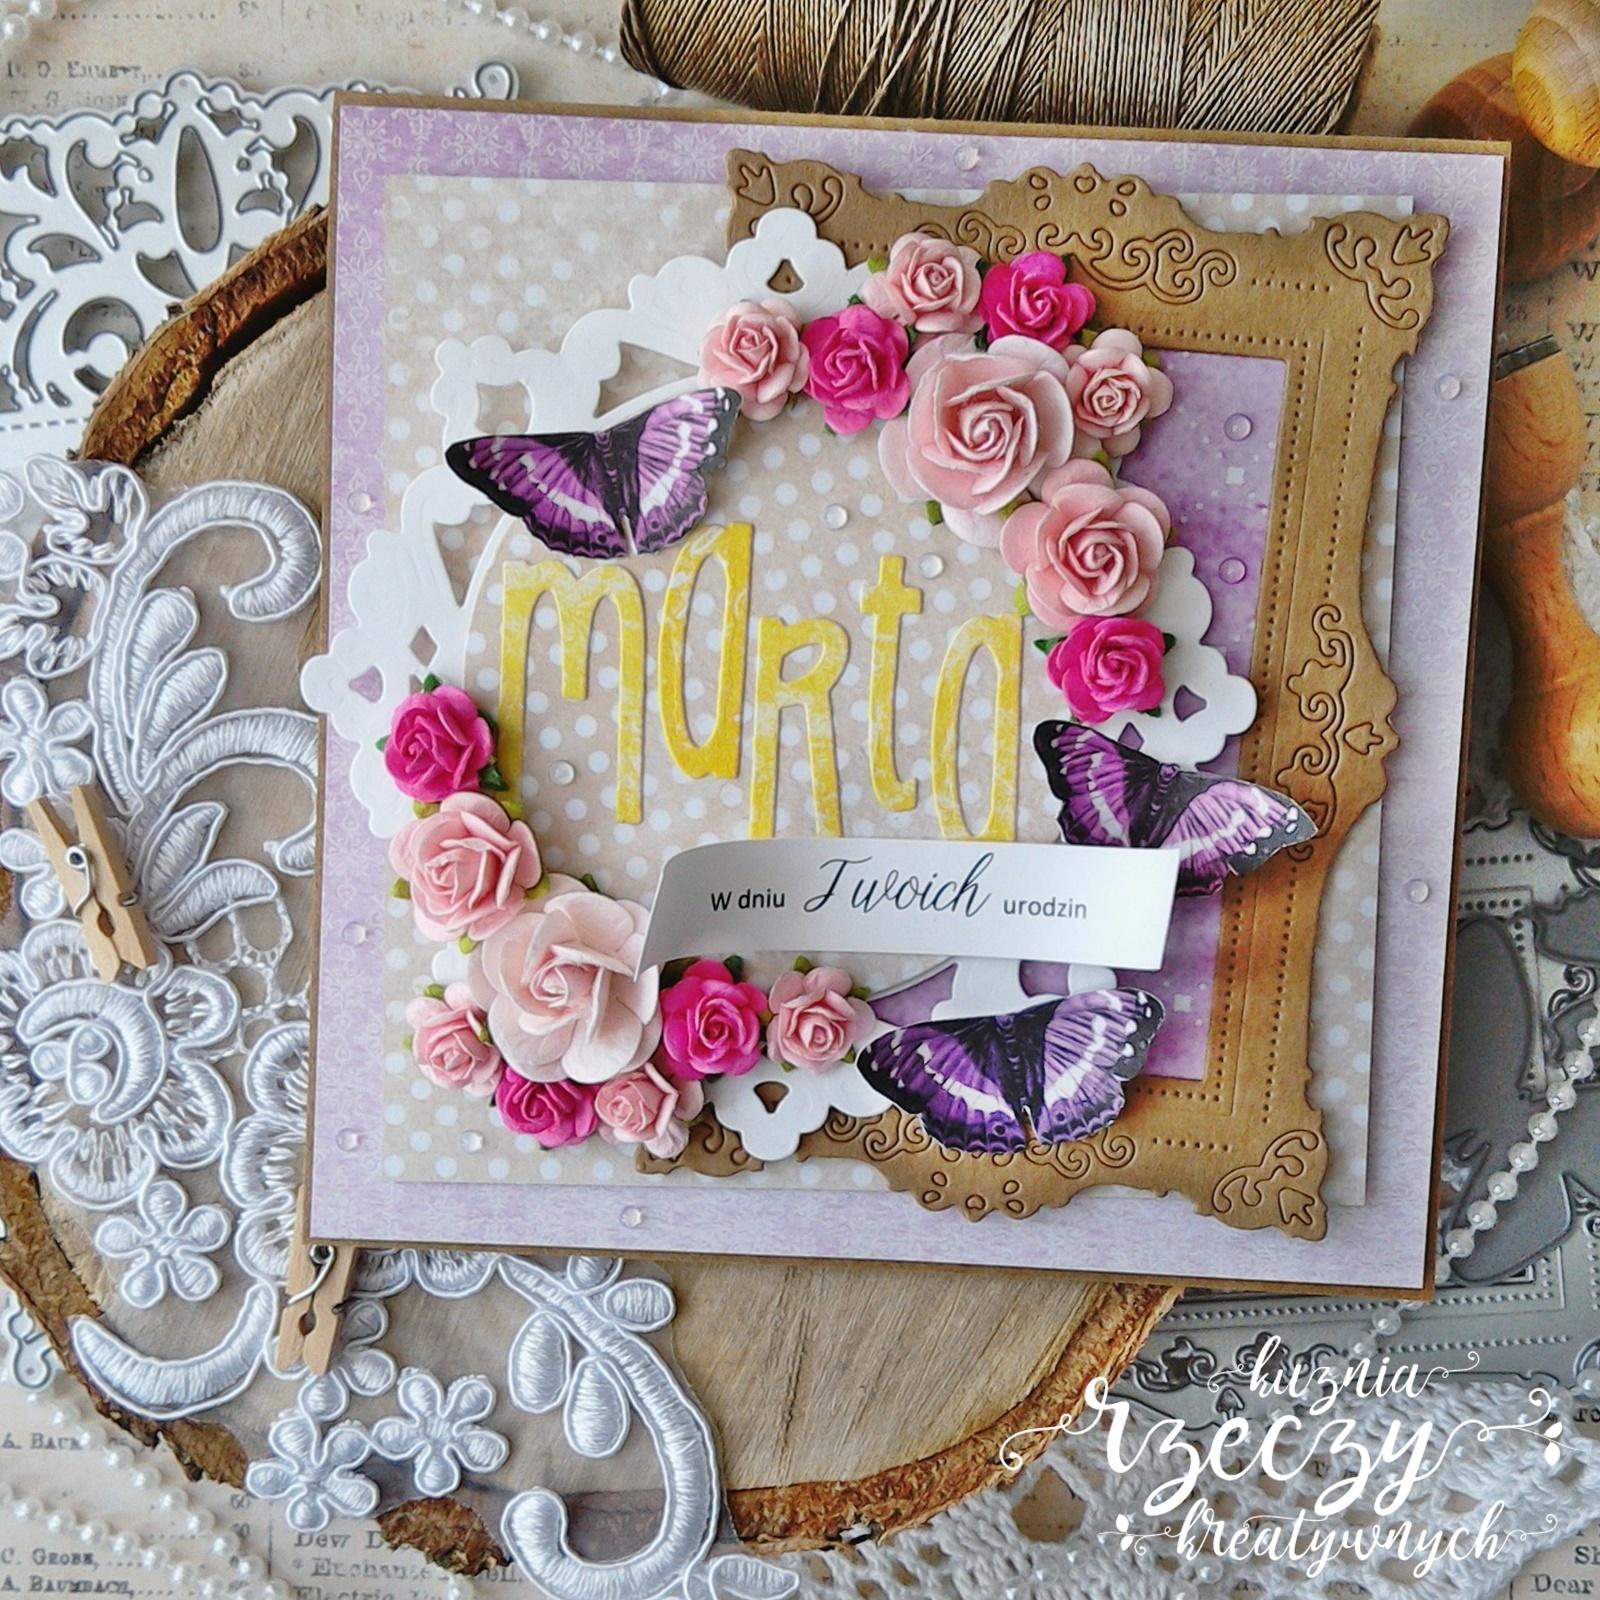 Piękna, warstwowa i ukwiecona kartka urodzinowa.